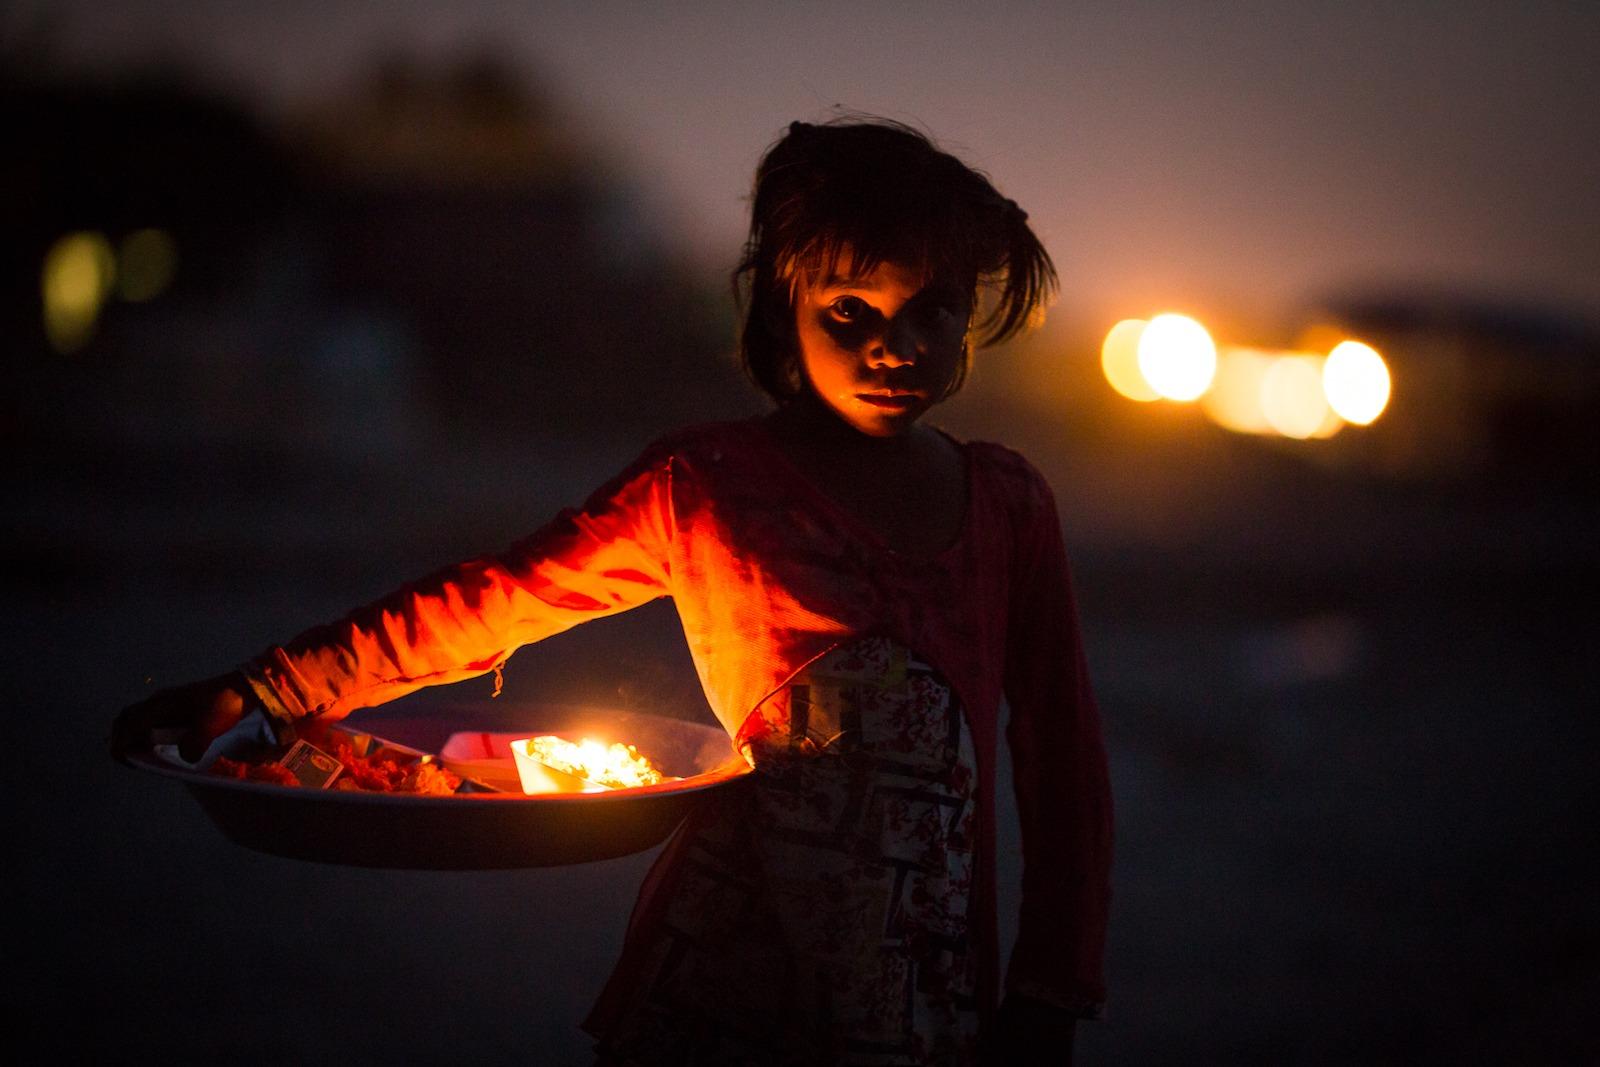 rajastan vrindavan girl selling flowers